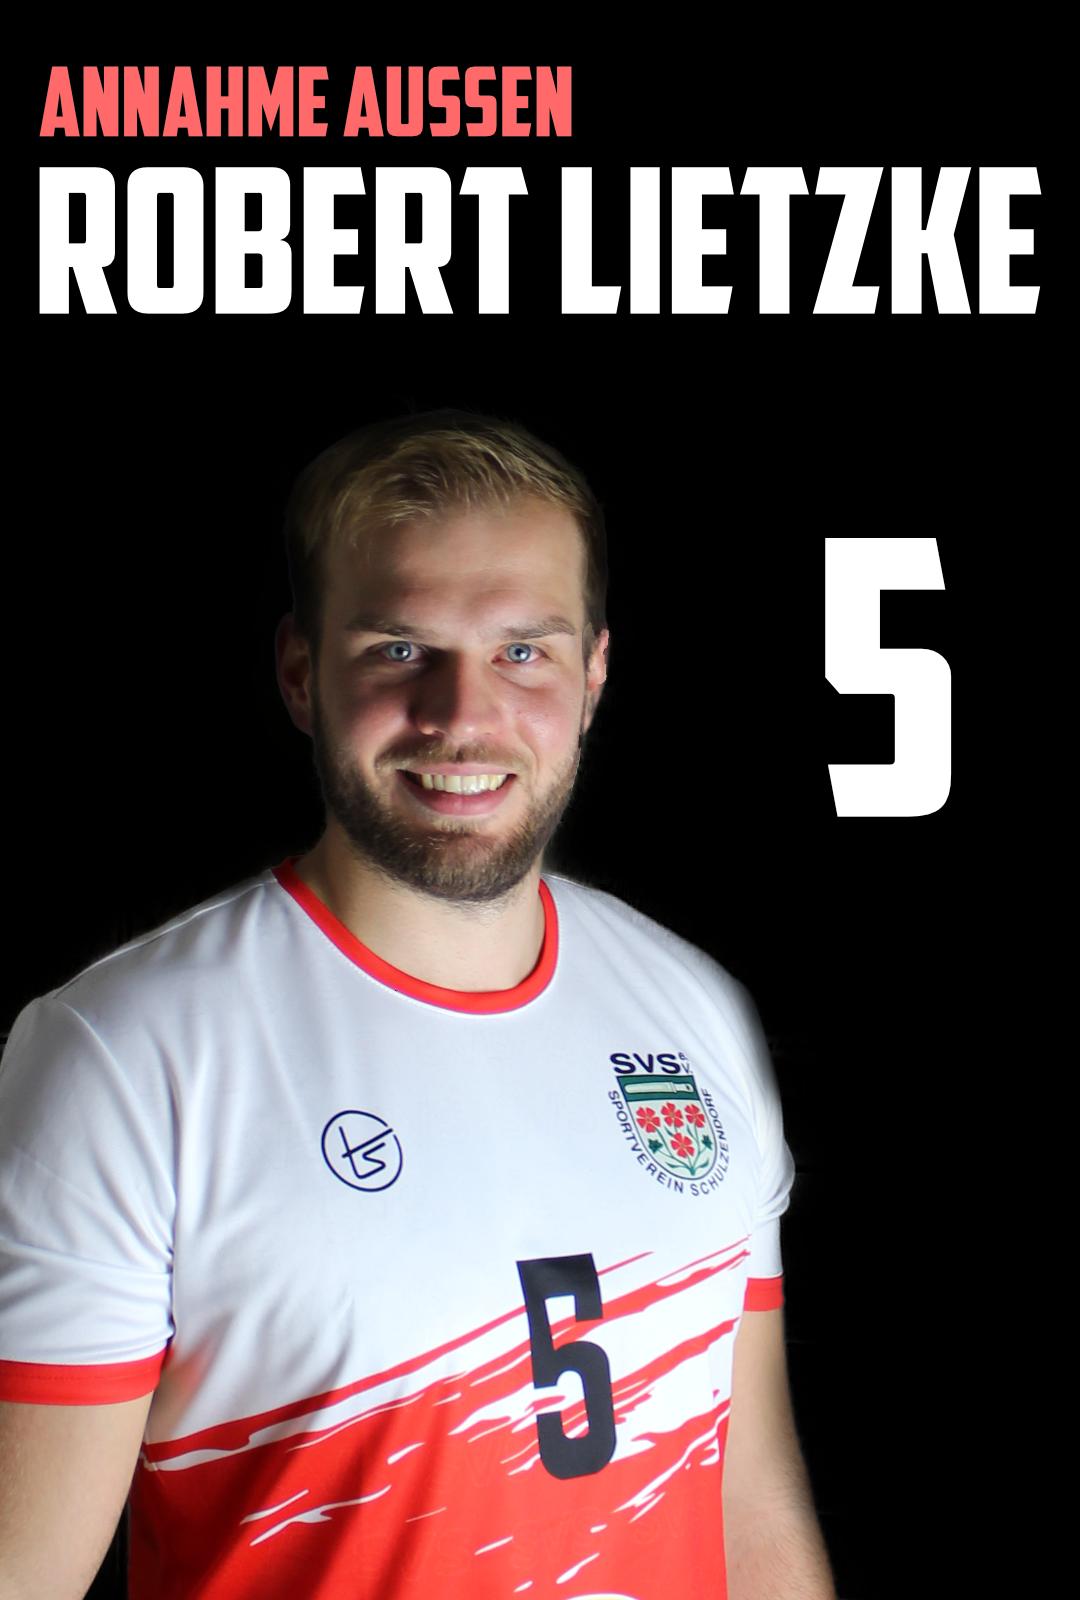 Robert Lietzke